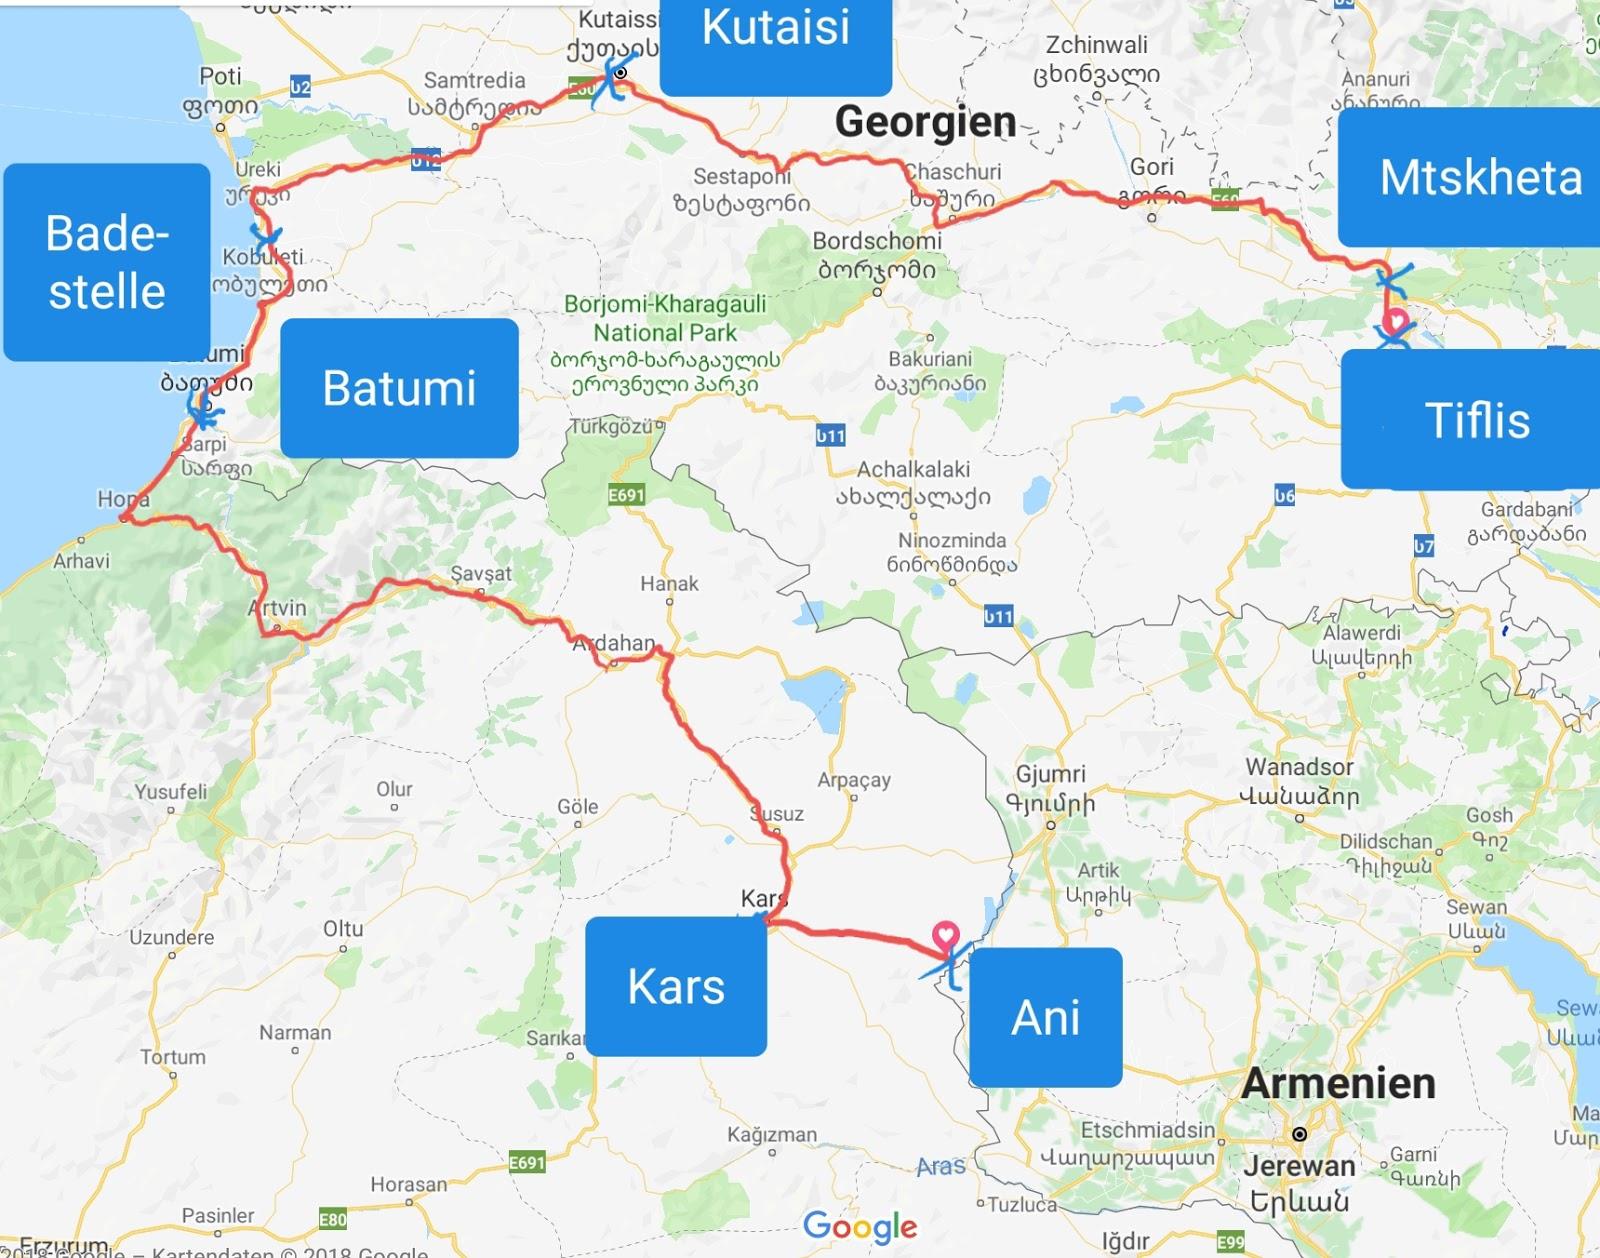 18 25 Tiflis Kutaisi Batumi Kars Alte Armenische Hauptstadt Ani